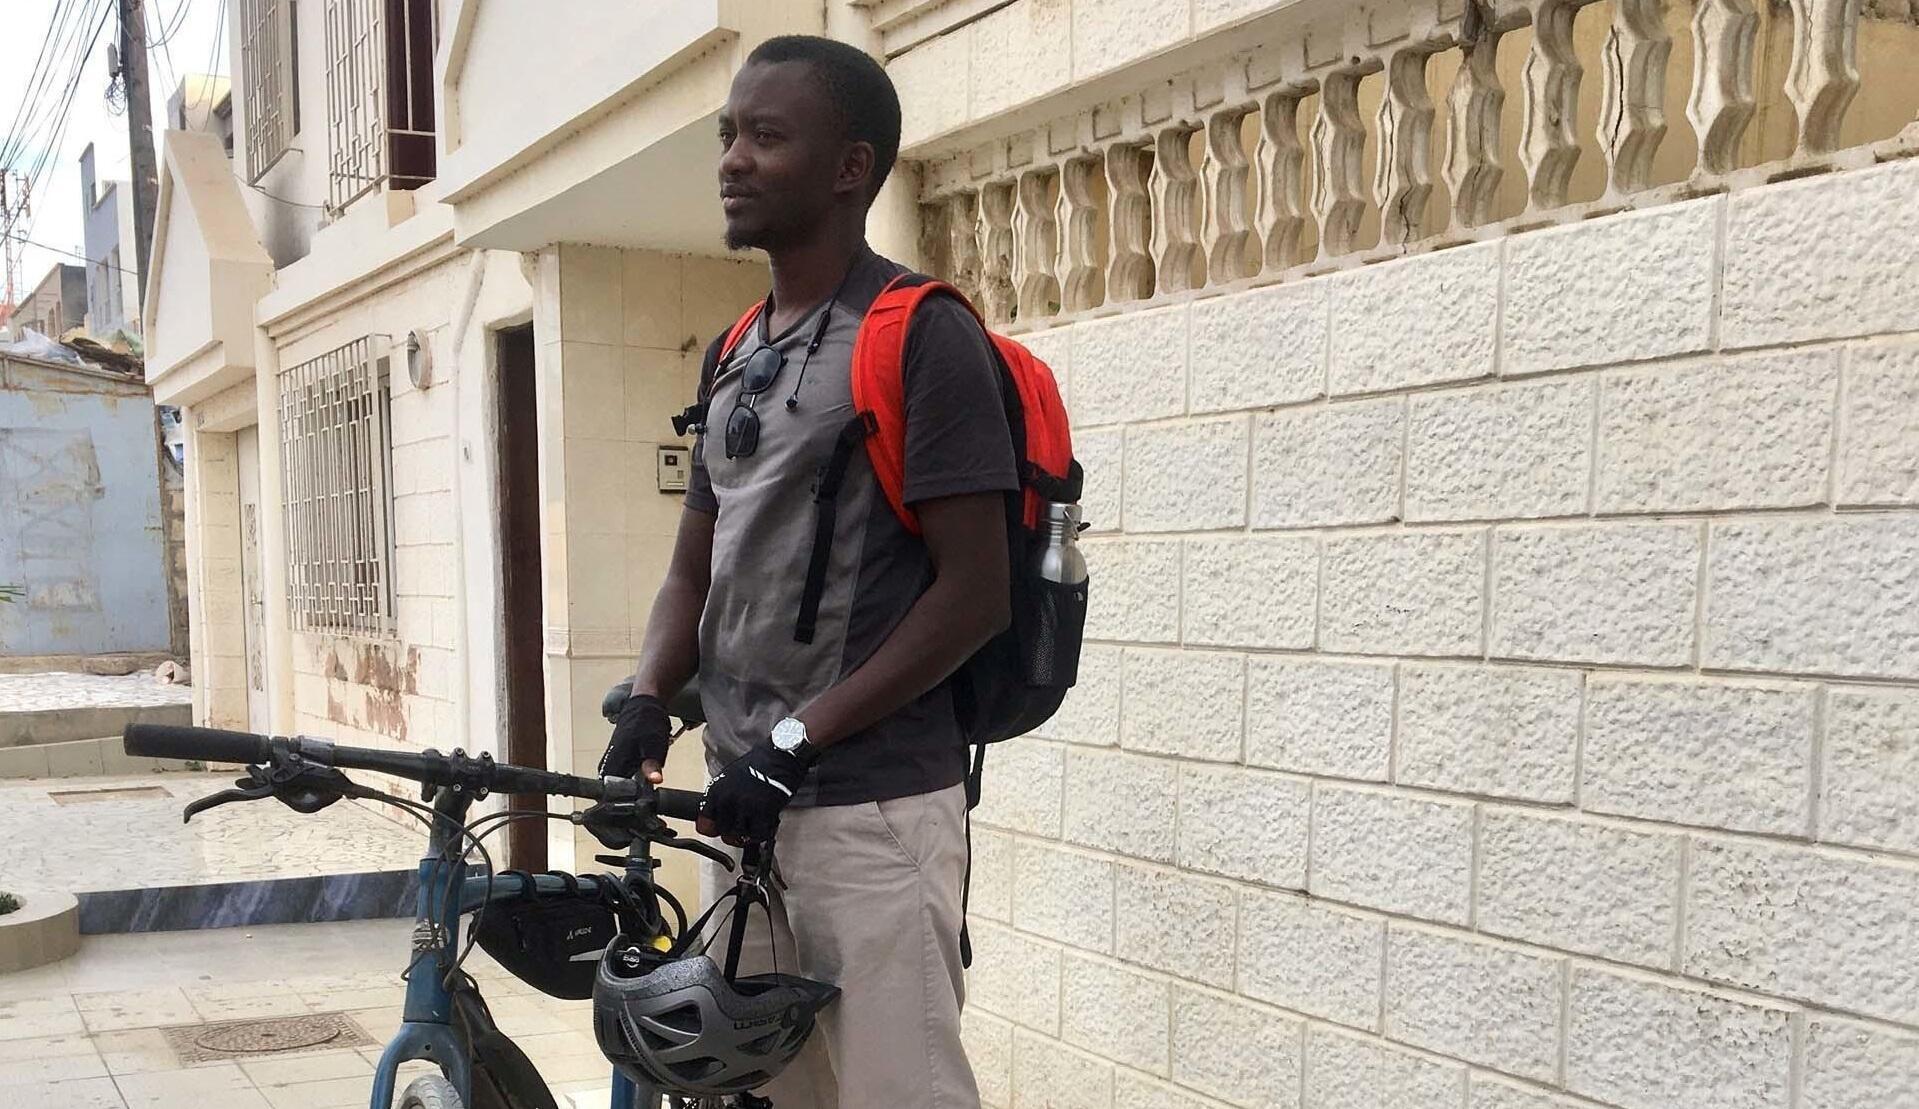 Baye Cheikh Sow avec son mouvement «Sama Vélo» veut sensibiliser ses compatriotes et les autorités au vélo comme moyen de transport urbain.